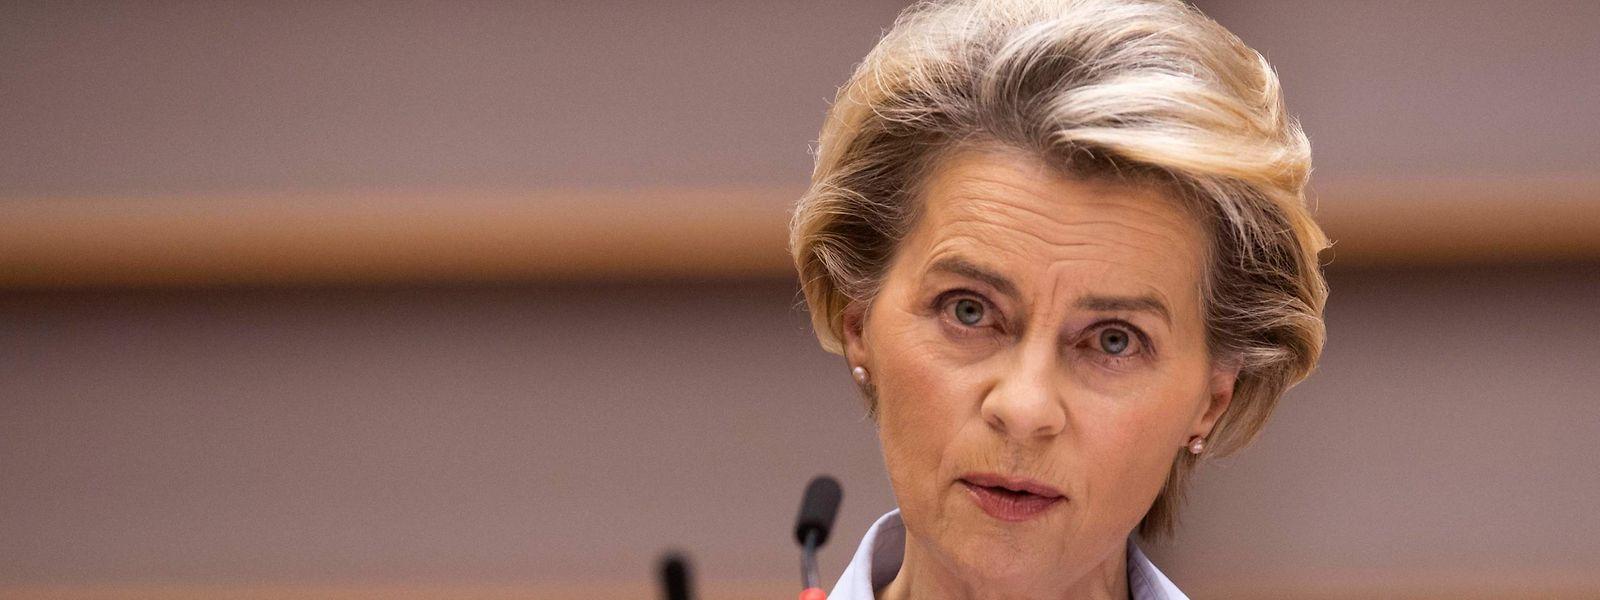 «Commençons donc aussi tôt que possible cette (campagne) de vaccination tous ensemble à vingt-sept, avec un début le même jour», annonce mercredi Ursula von der Leyen.